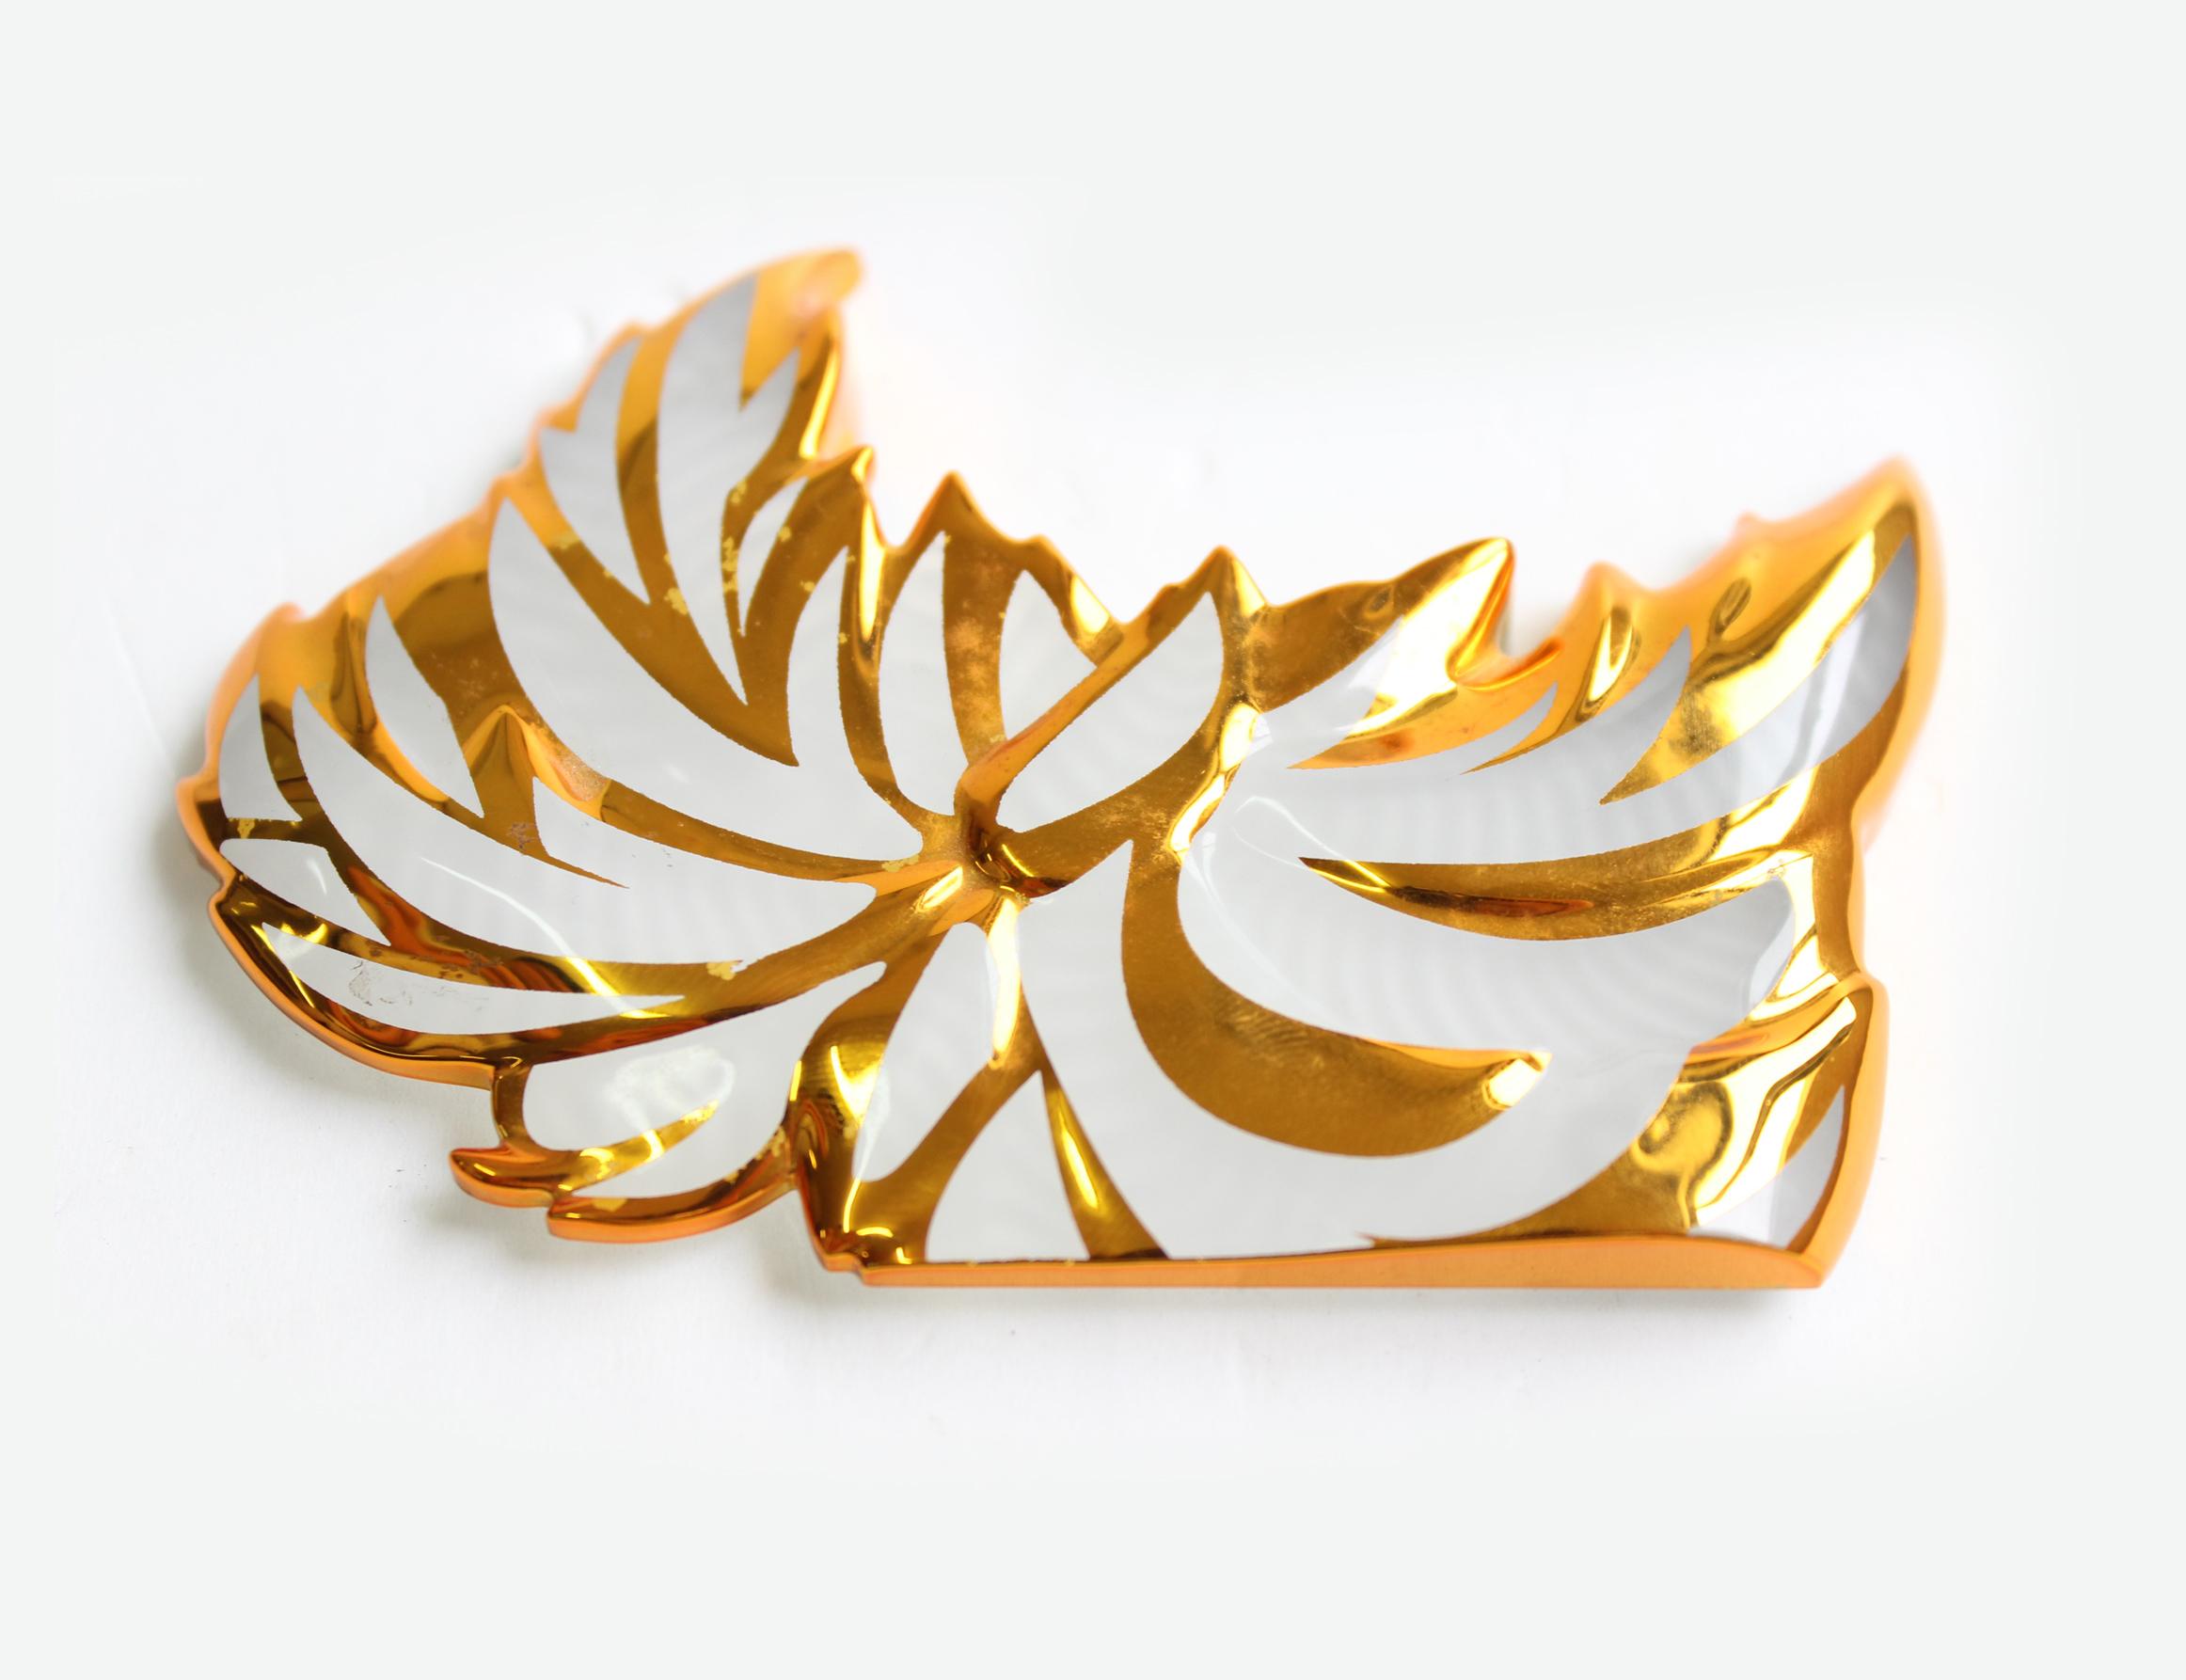 烫金包装设计使用到的包装结构有哪些